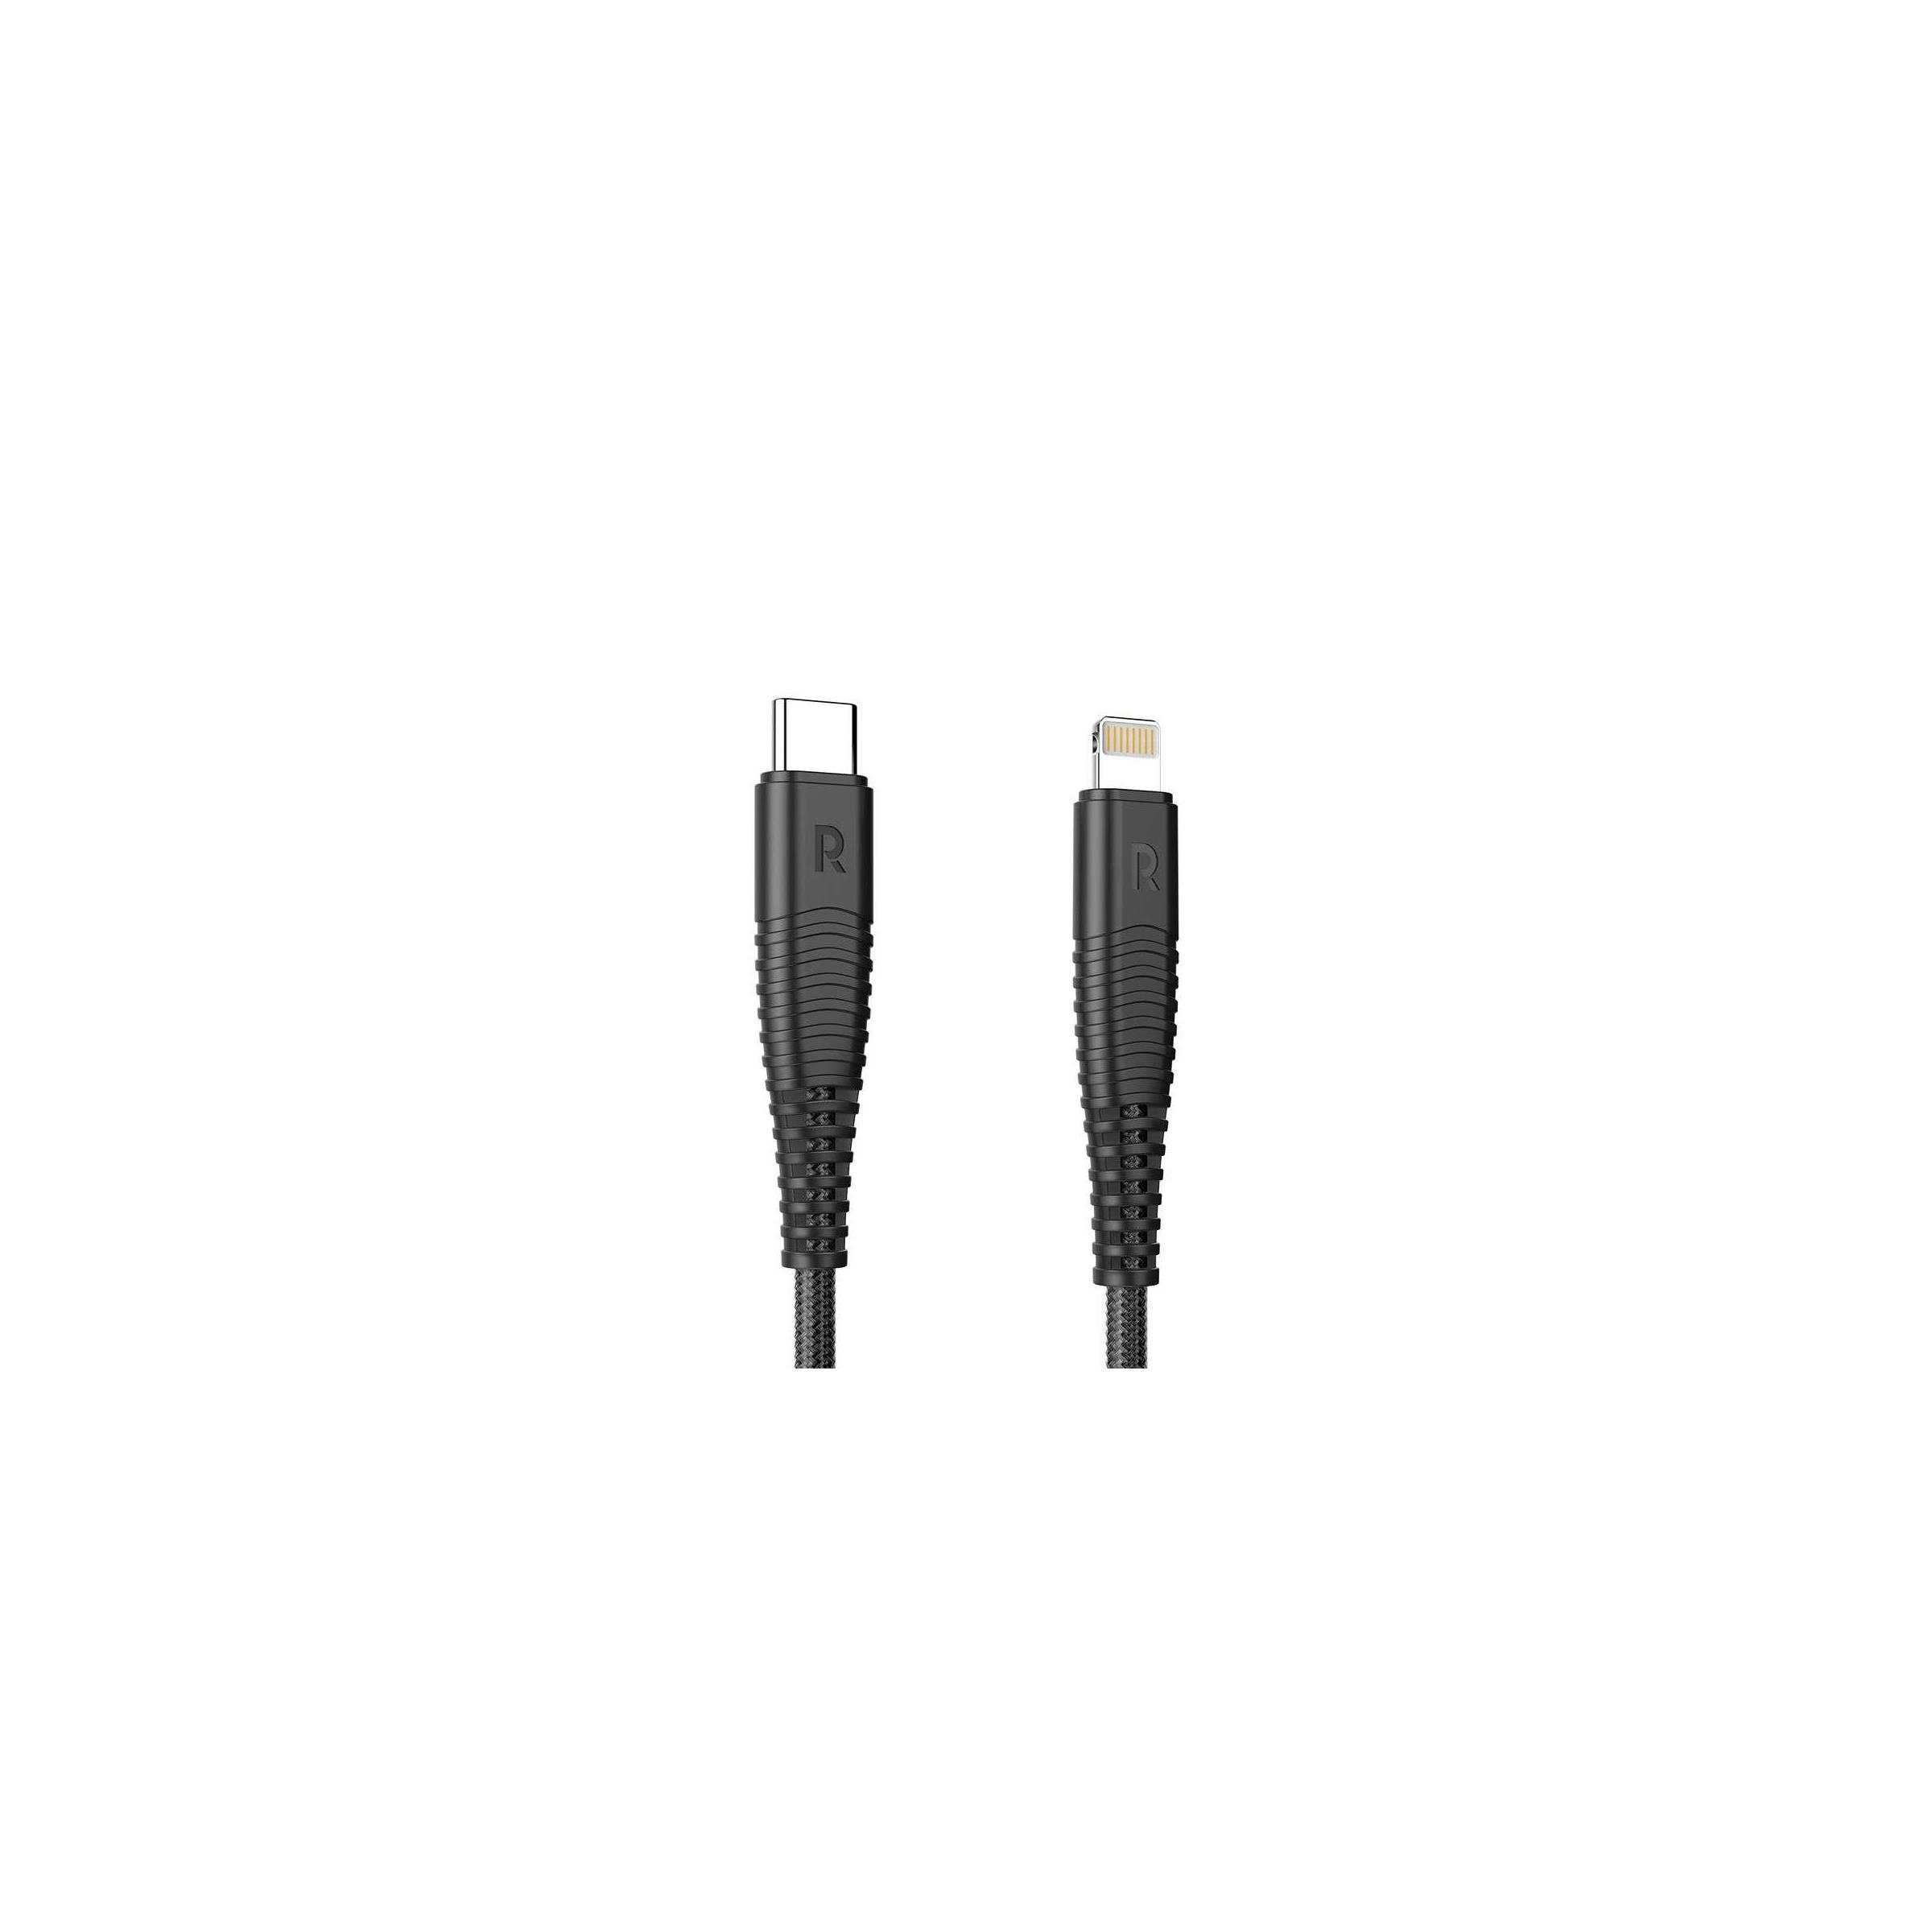 Ravpower kevlar usb-c til lightning kabel mfi 1m sort fra ravpower på mackabler.dk